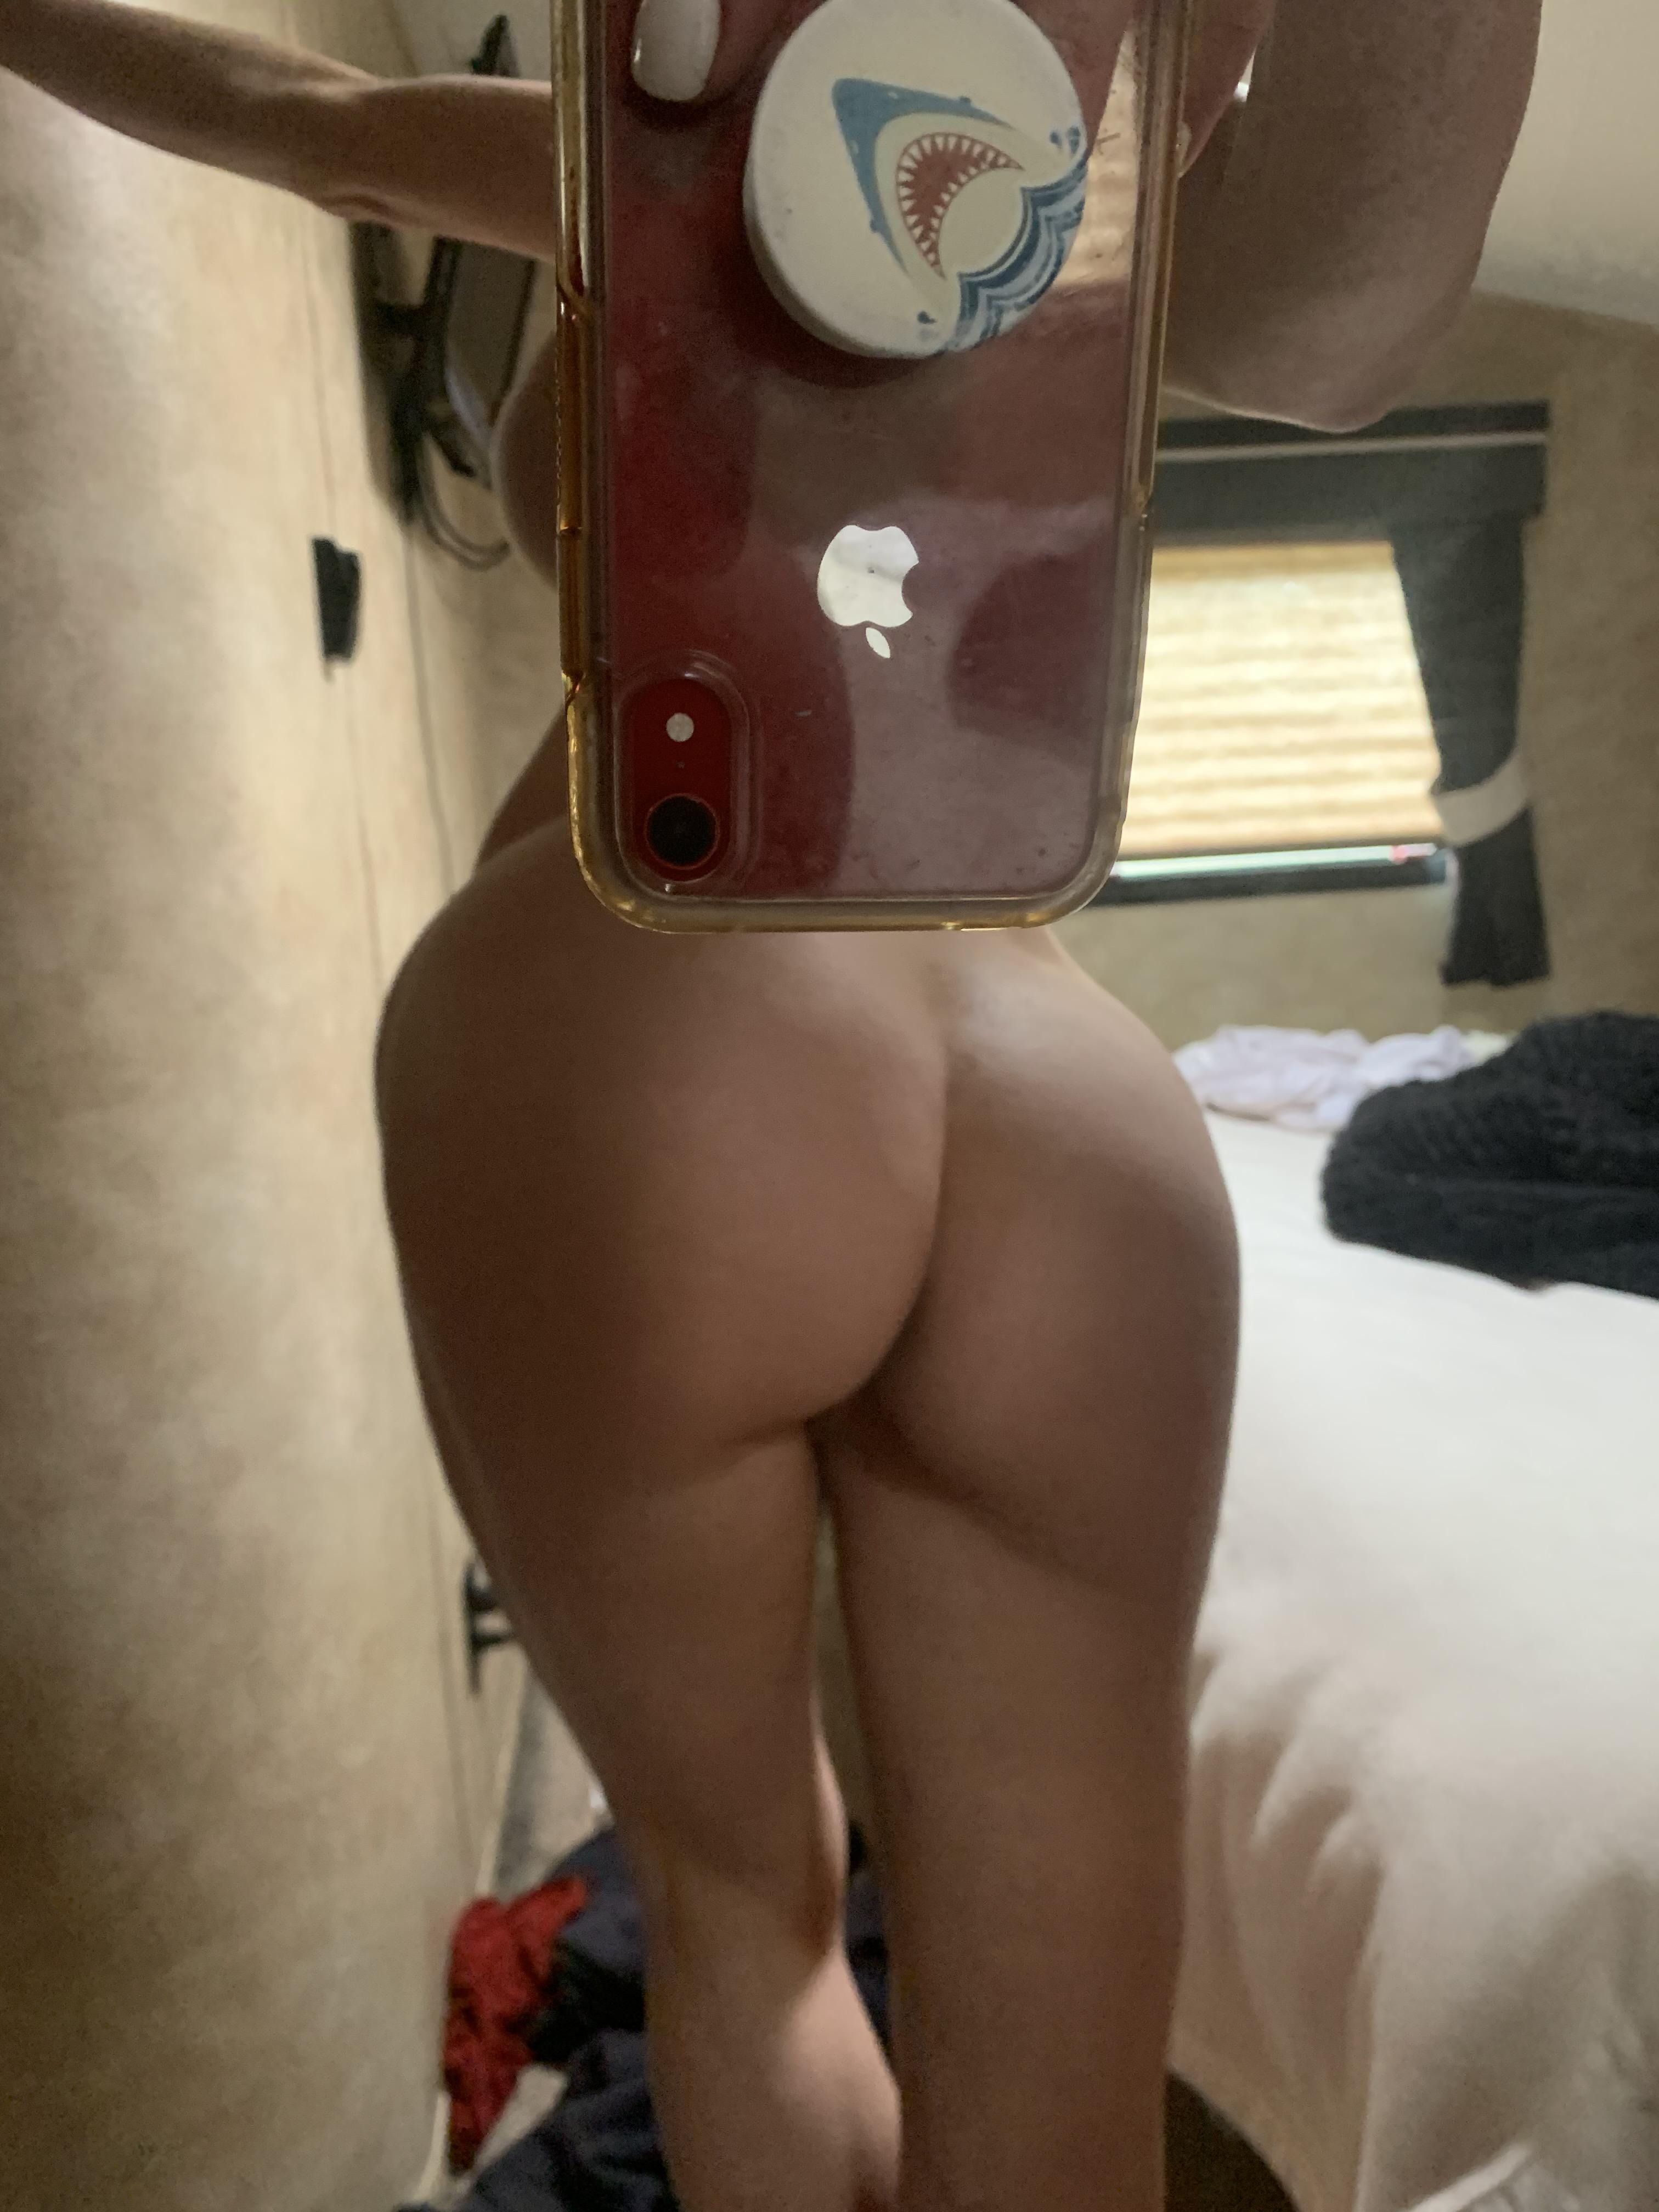 Post Gym Butt Selfie